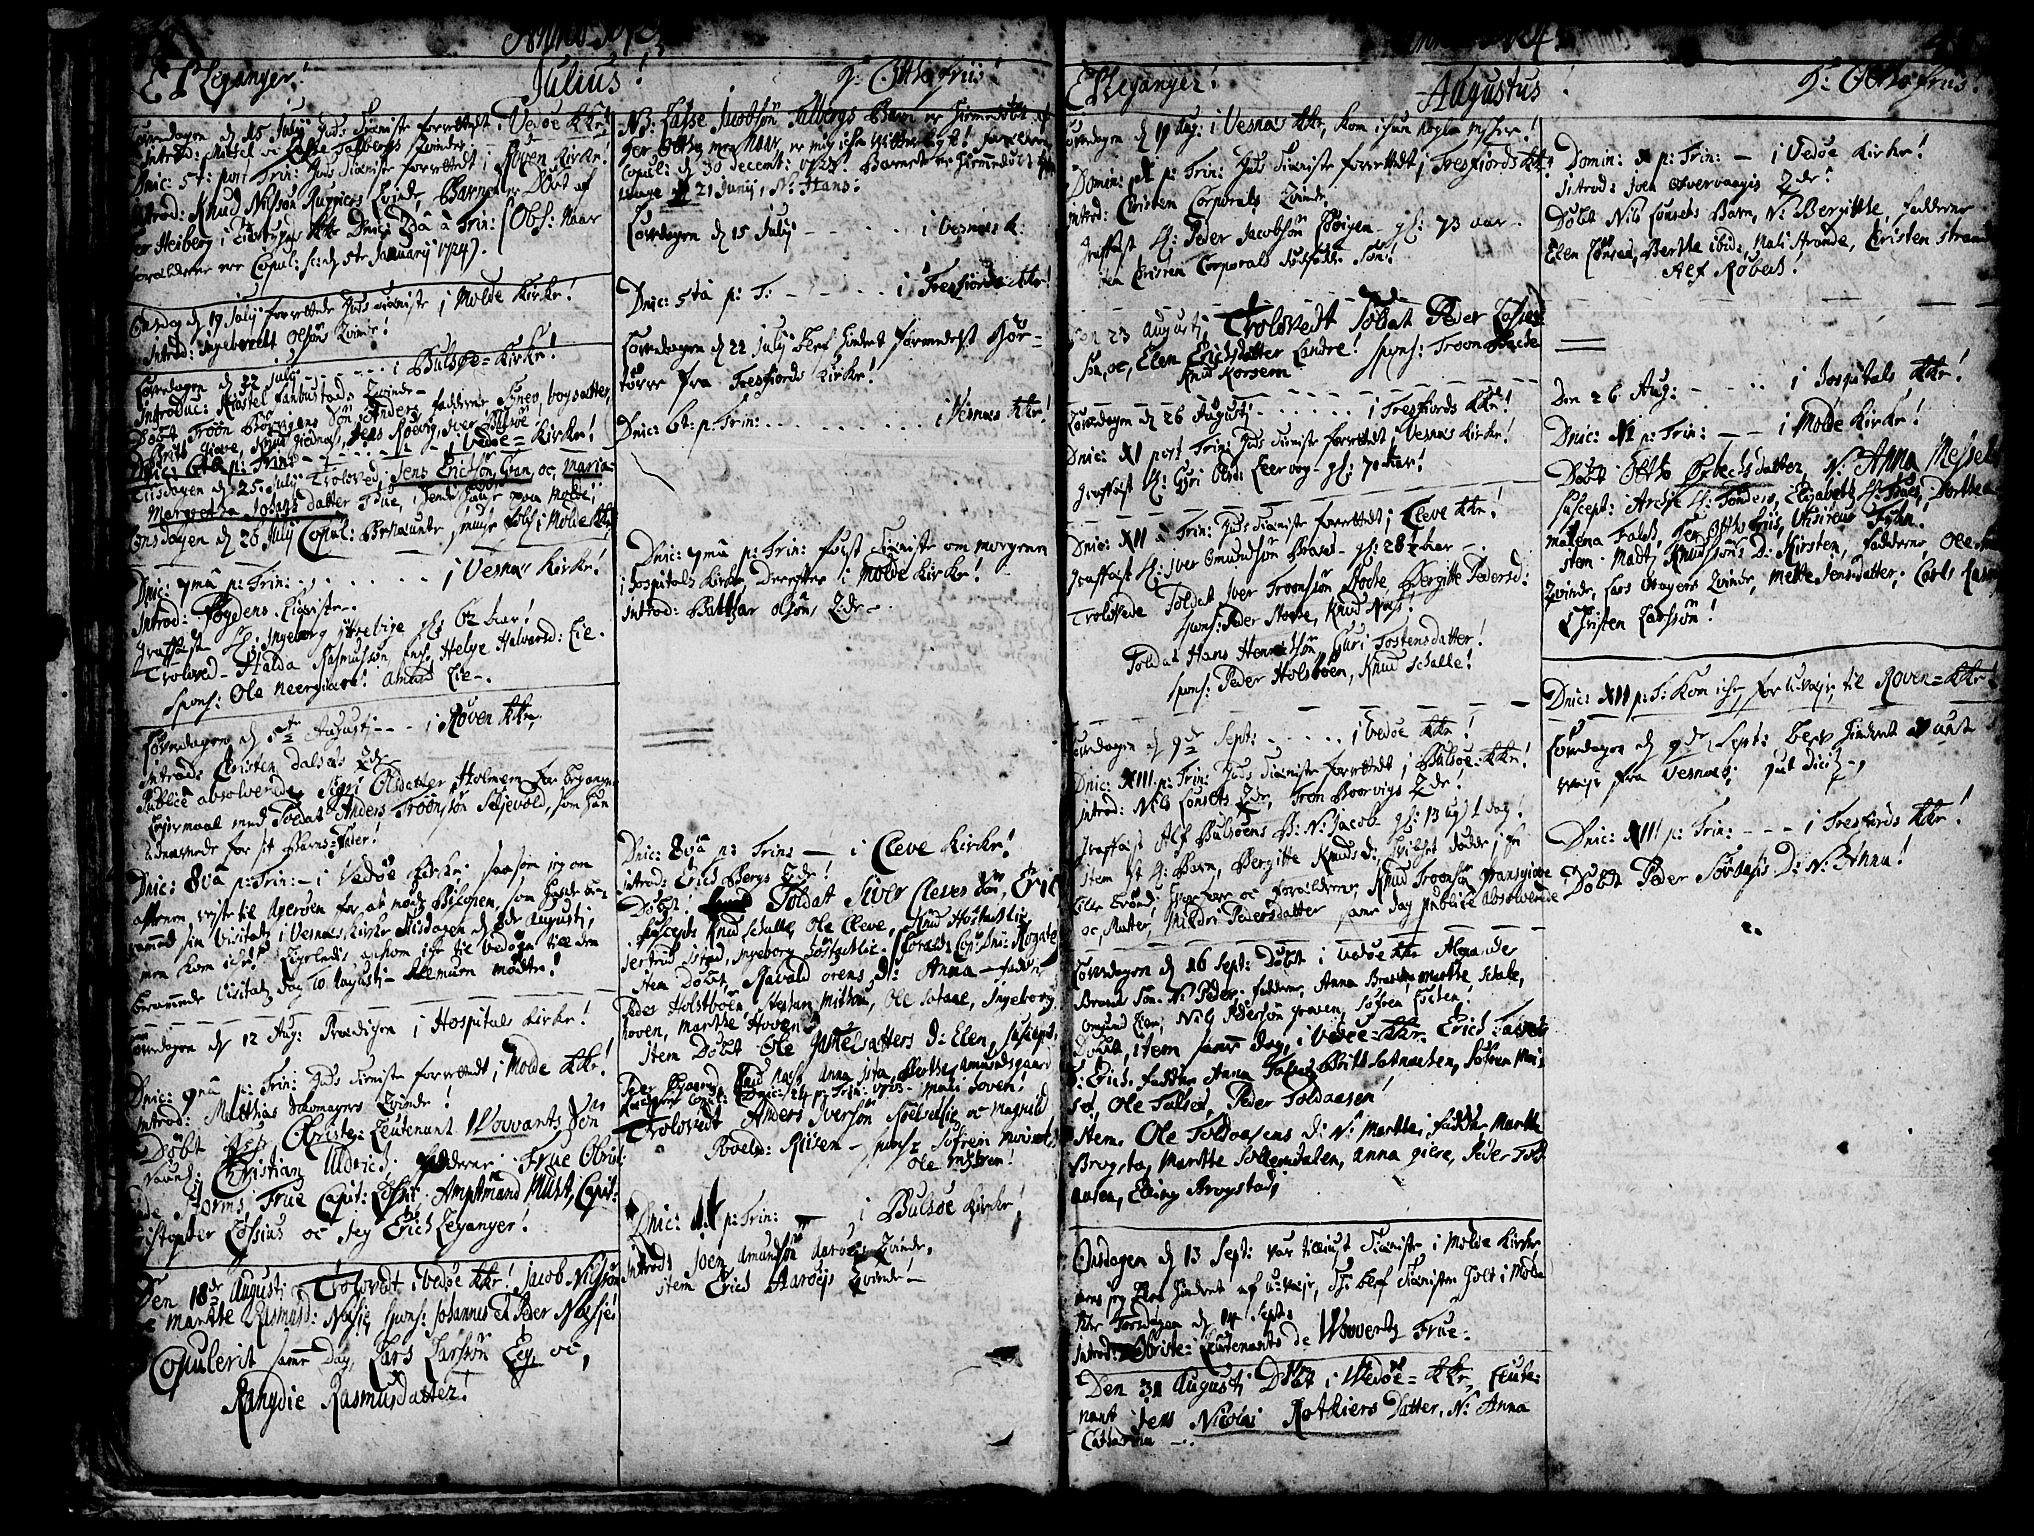 SAT, Ministerialprotokoller, klokkerbøker og fødselsregistre - Møre og Romsdal, 547/L0599: Parish register (official) no. 547A01, 1721-1764, p. 50-51